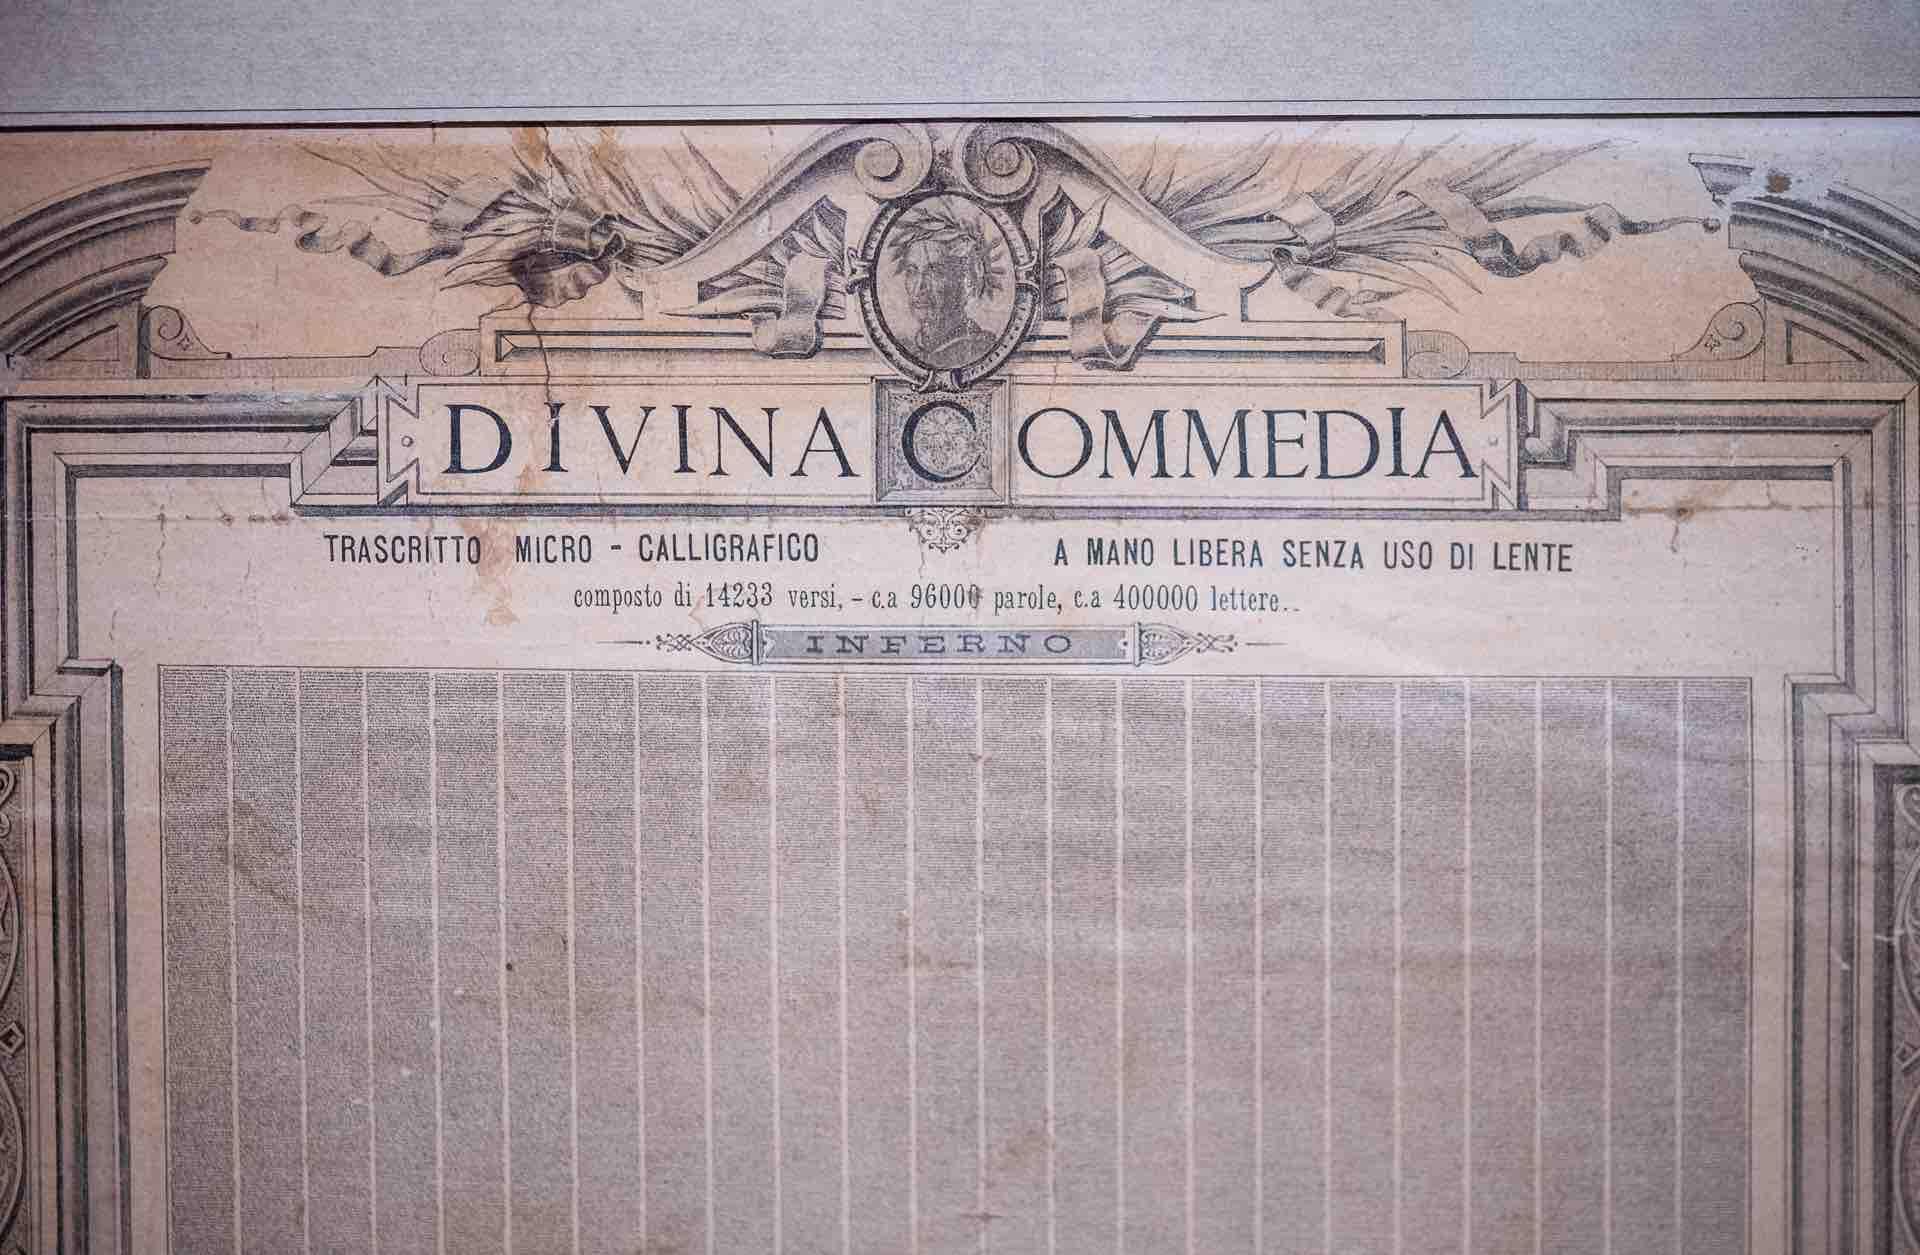 DivinaCommedia-trascritto-microcalligrafo-1888